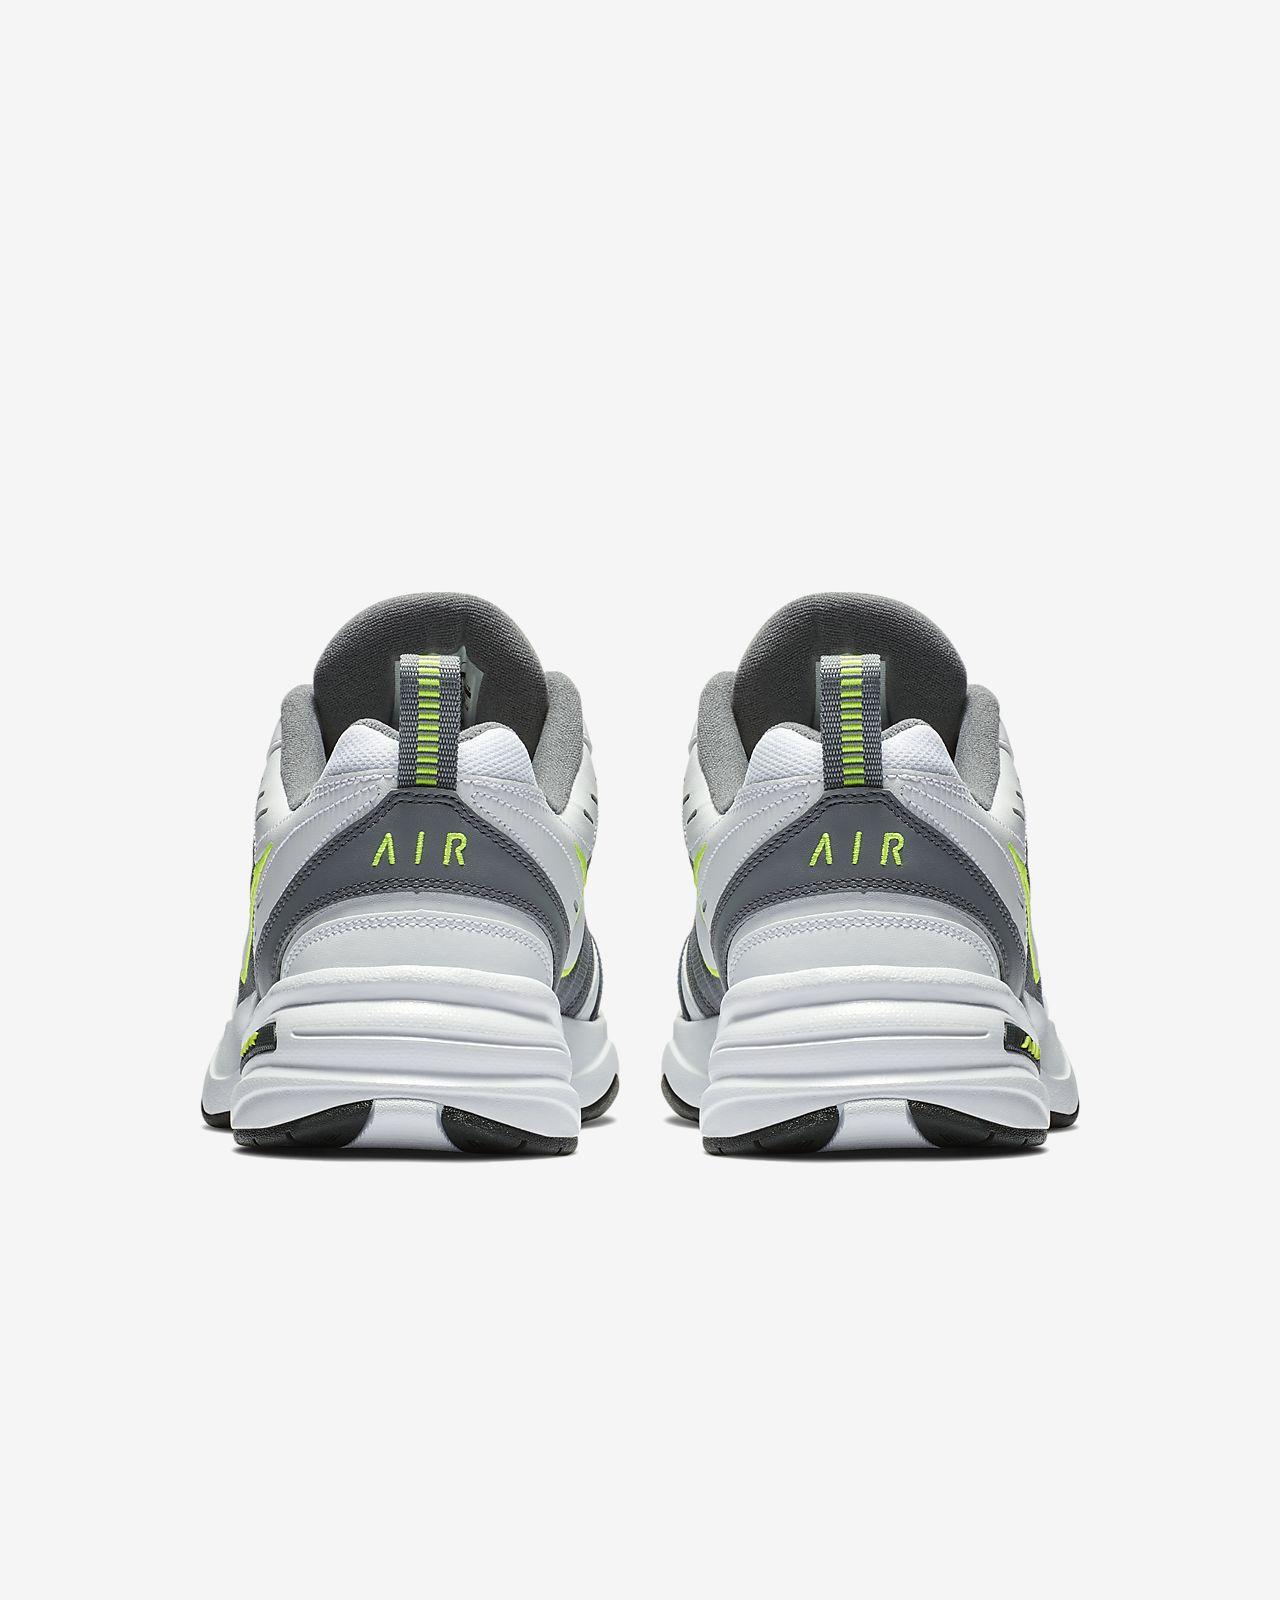 newest 75d32 03620 ... Nike Air Monarch IV Zapatillas de lifestyle y para el gimnasio